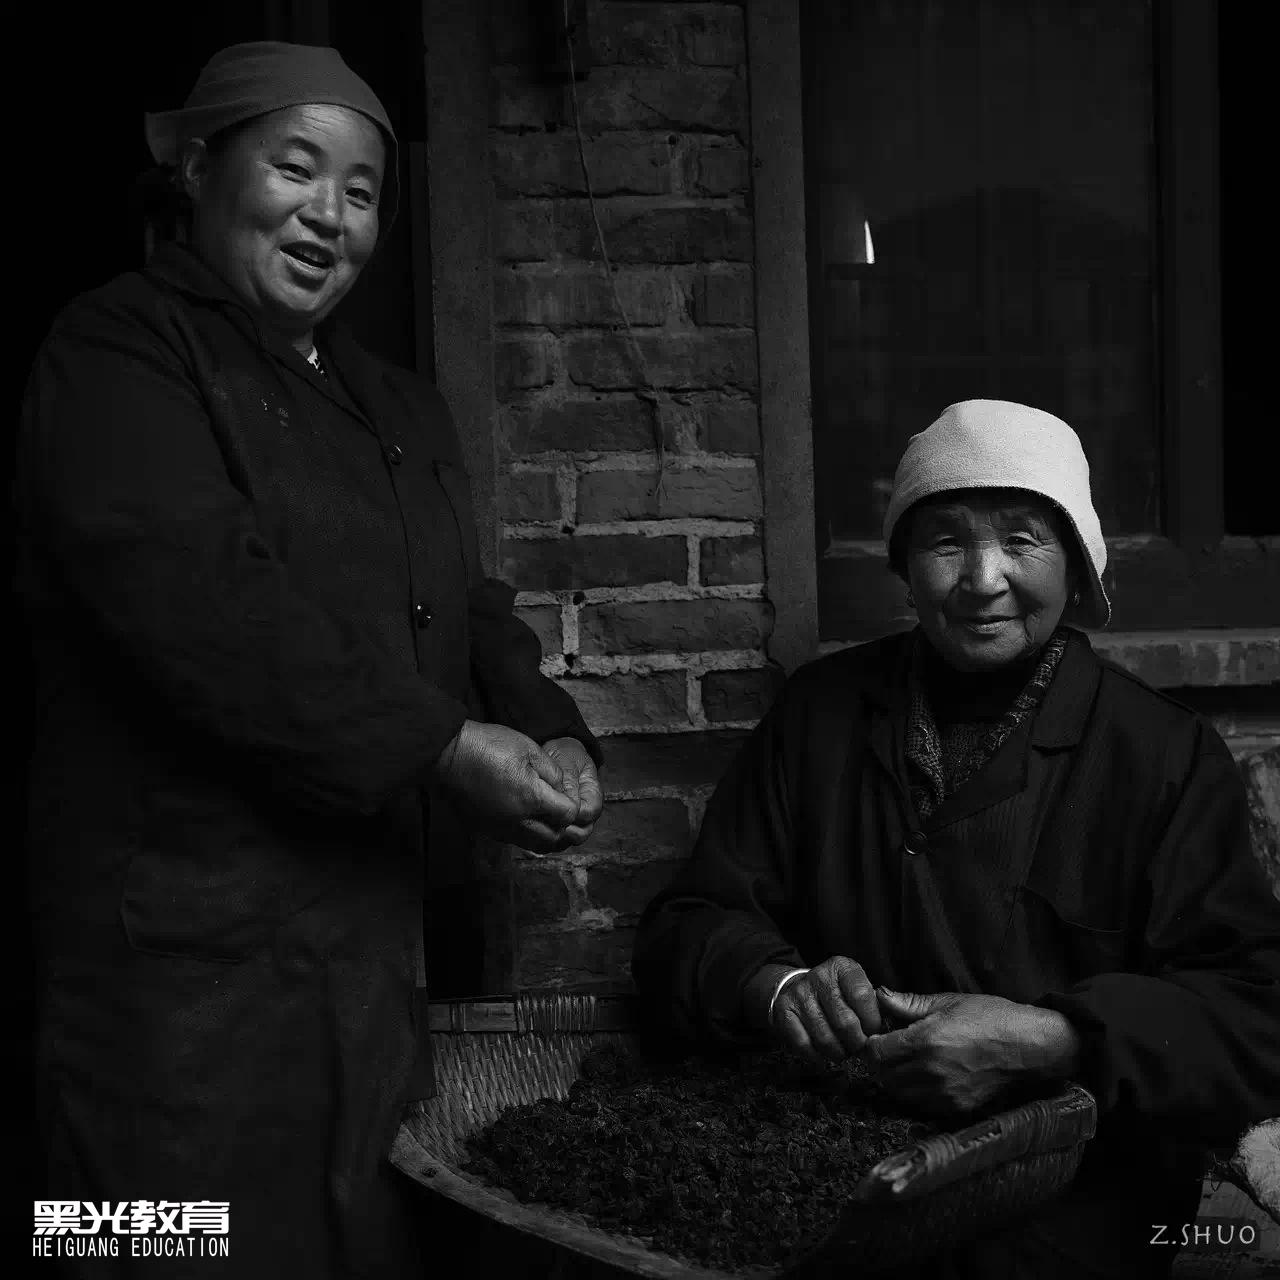 北京黑光教育摄影学校,摄影学员作品